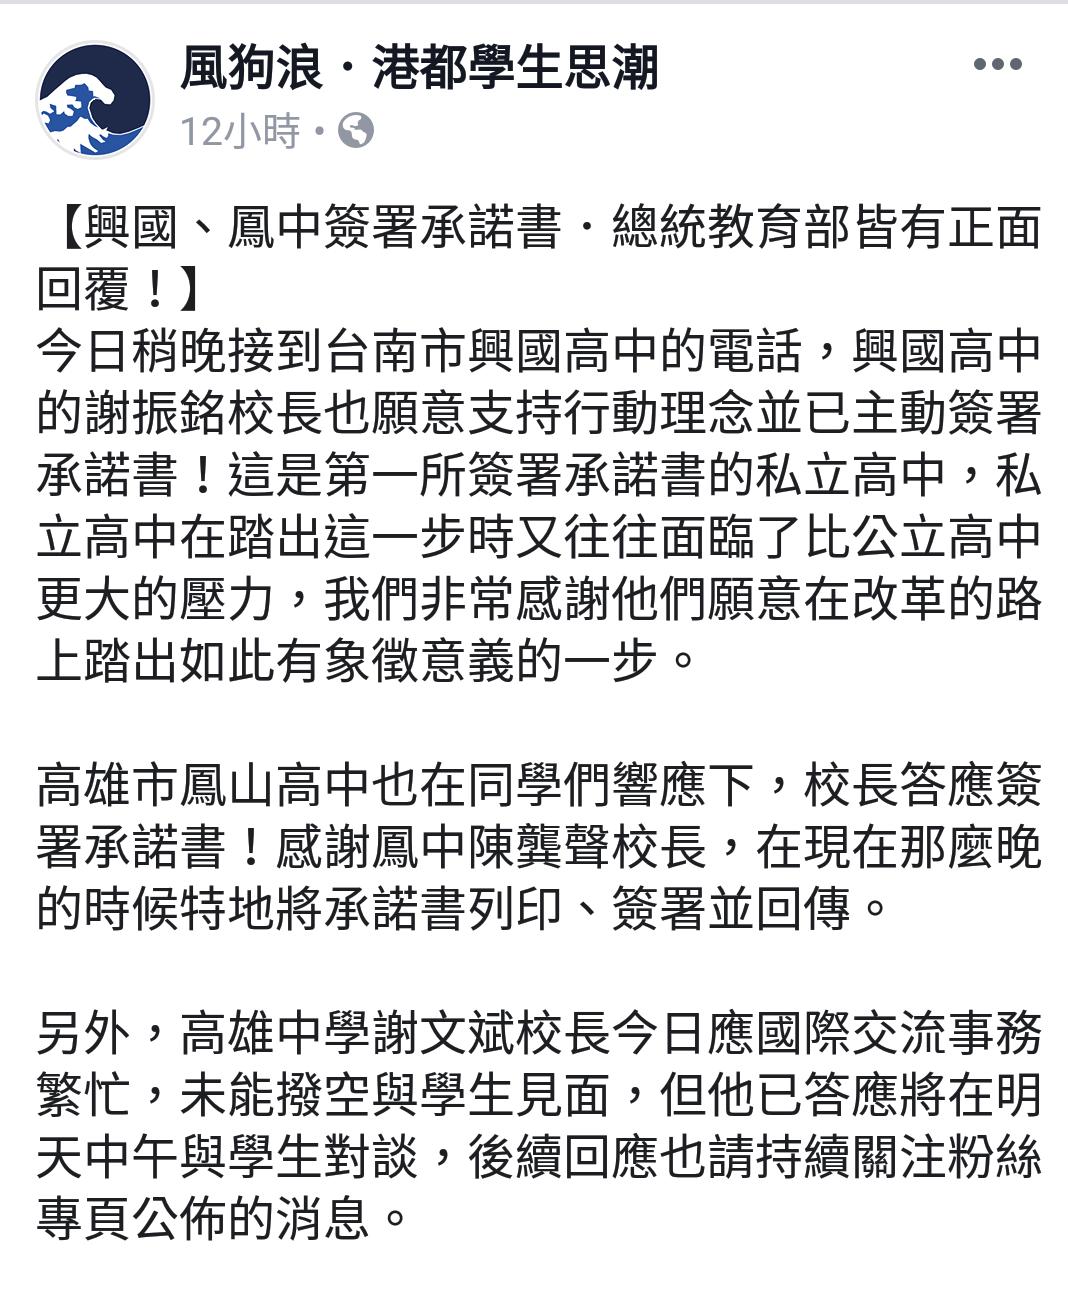 發起學生說,興國是第一所簽署承諾書的私立高中,「私校踏出這一步時,往往面臨了比公...